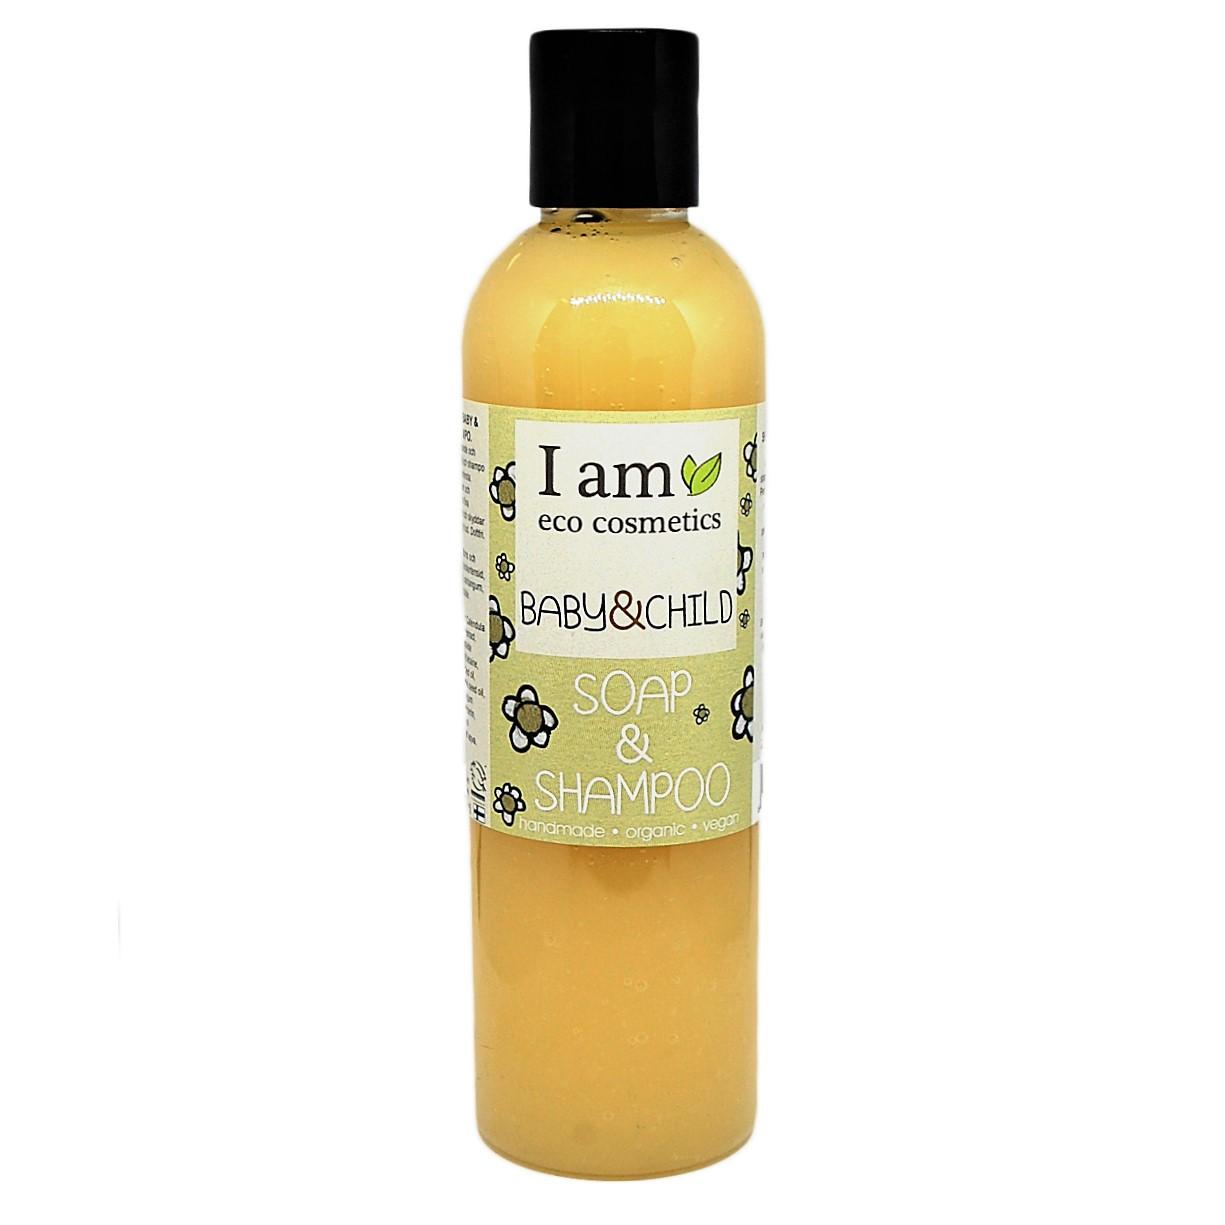 Soap & Shampoo